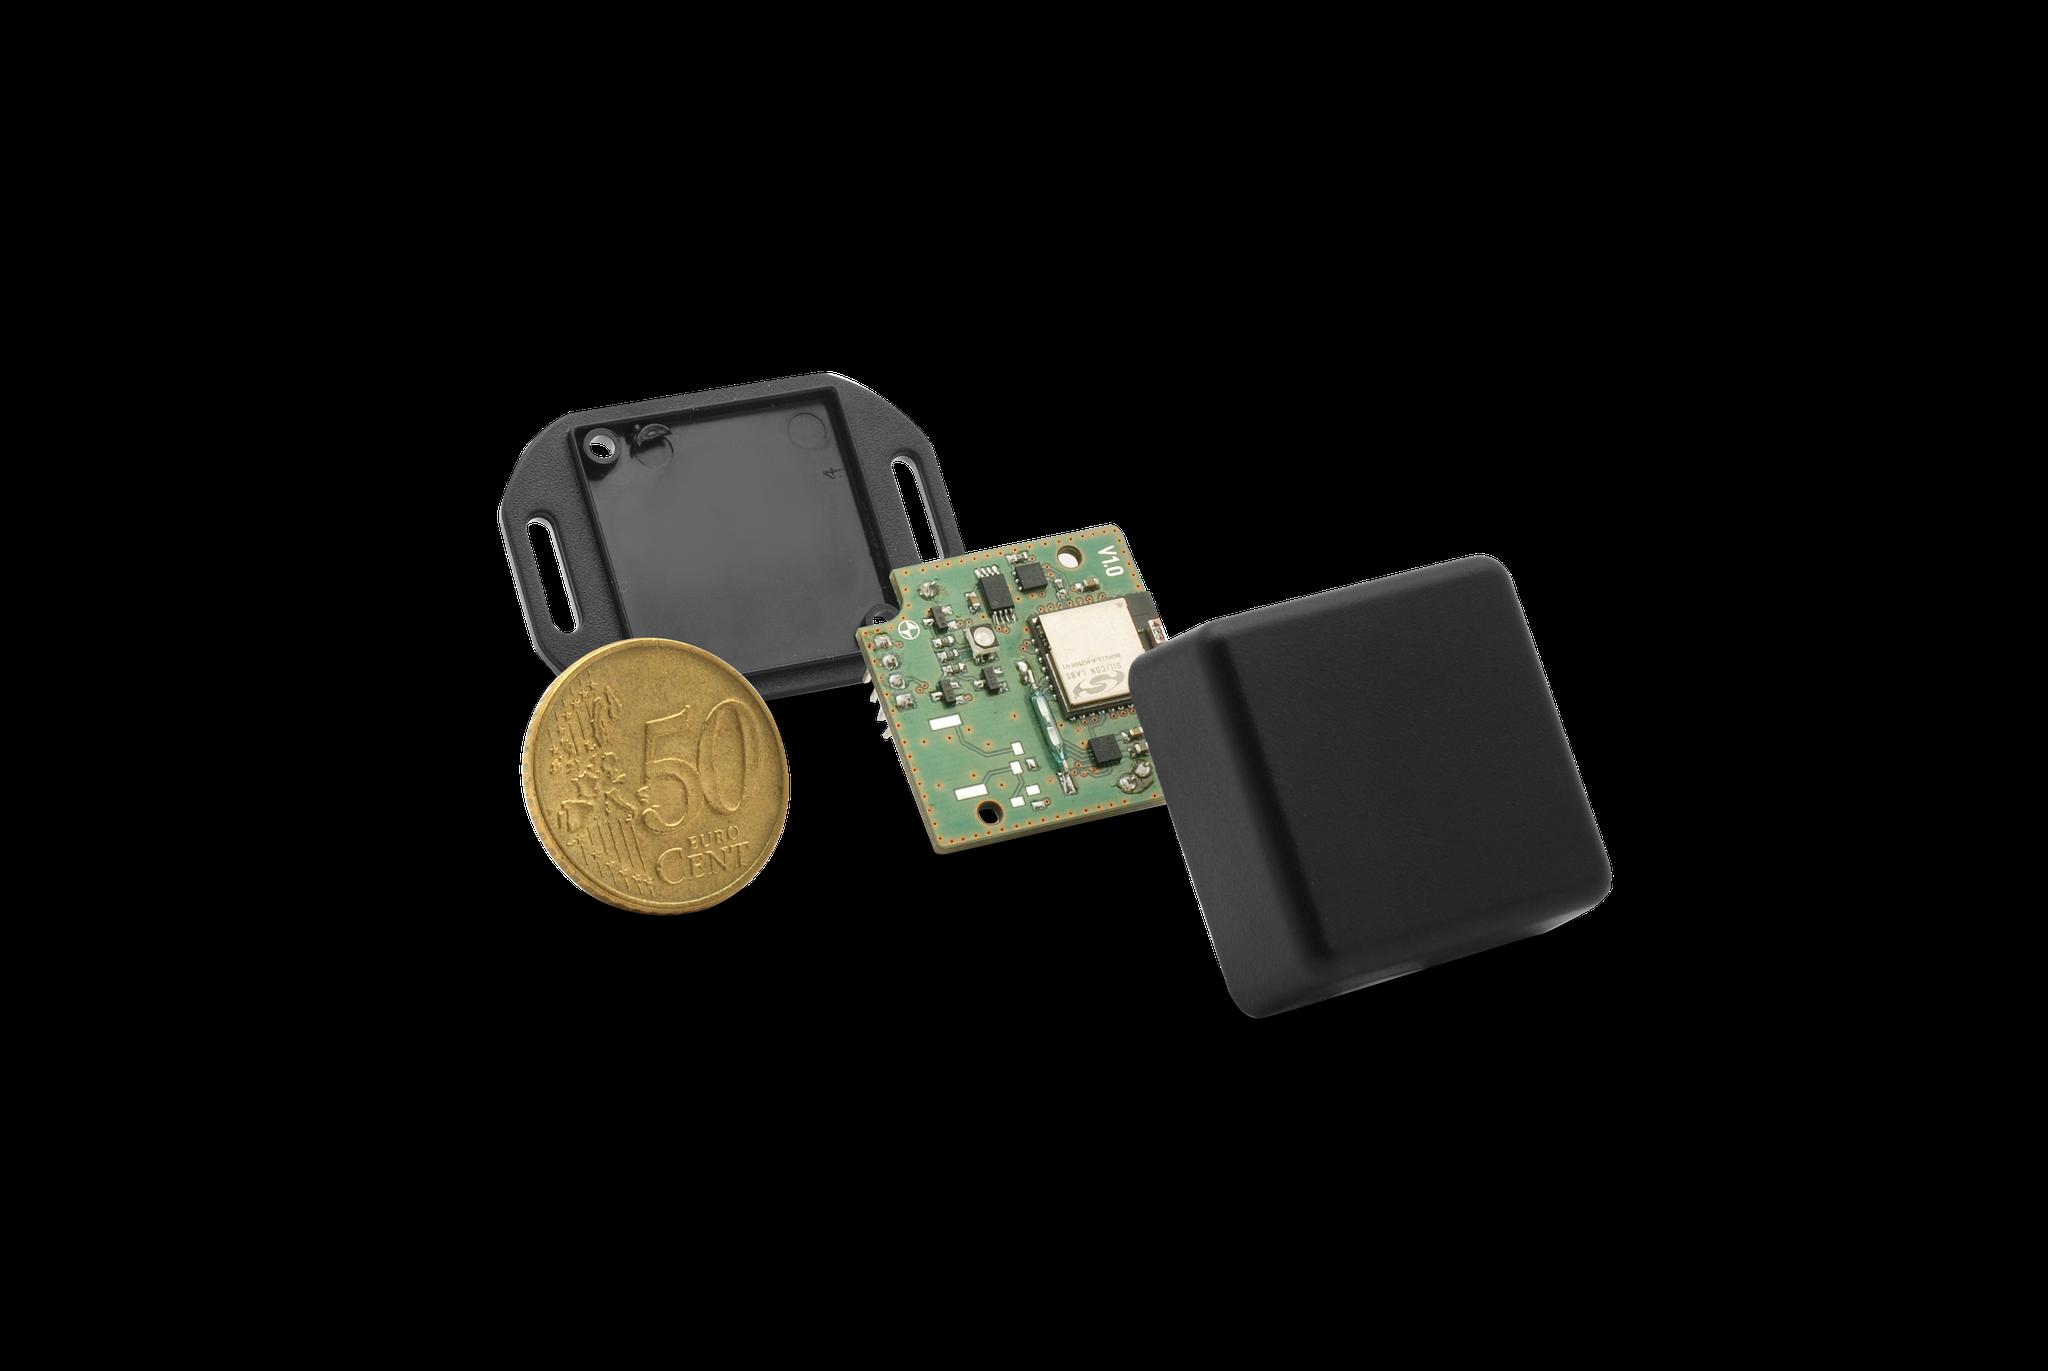 Industrie conbee Smart TAG z.B. für Ladungsträger und Behälter-Management, diverse Sensoren möglich